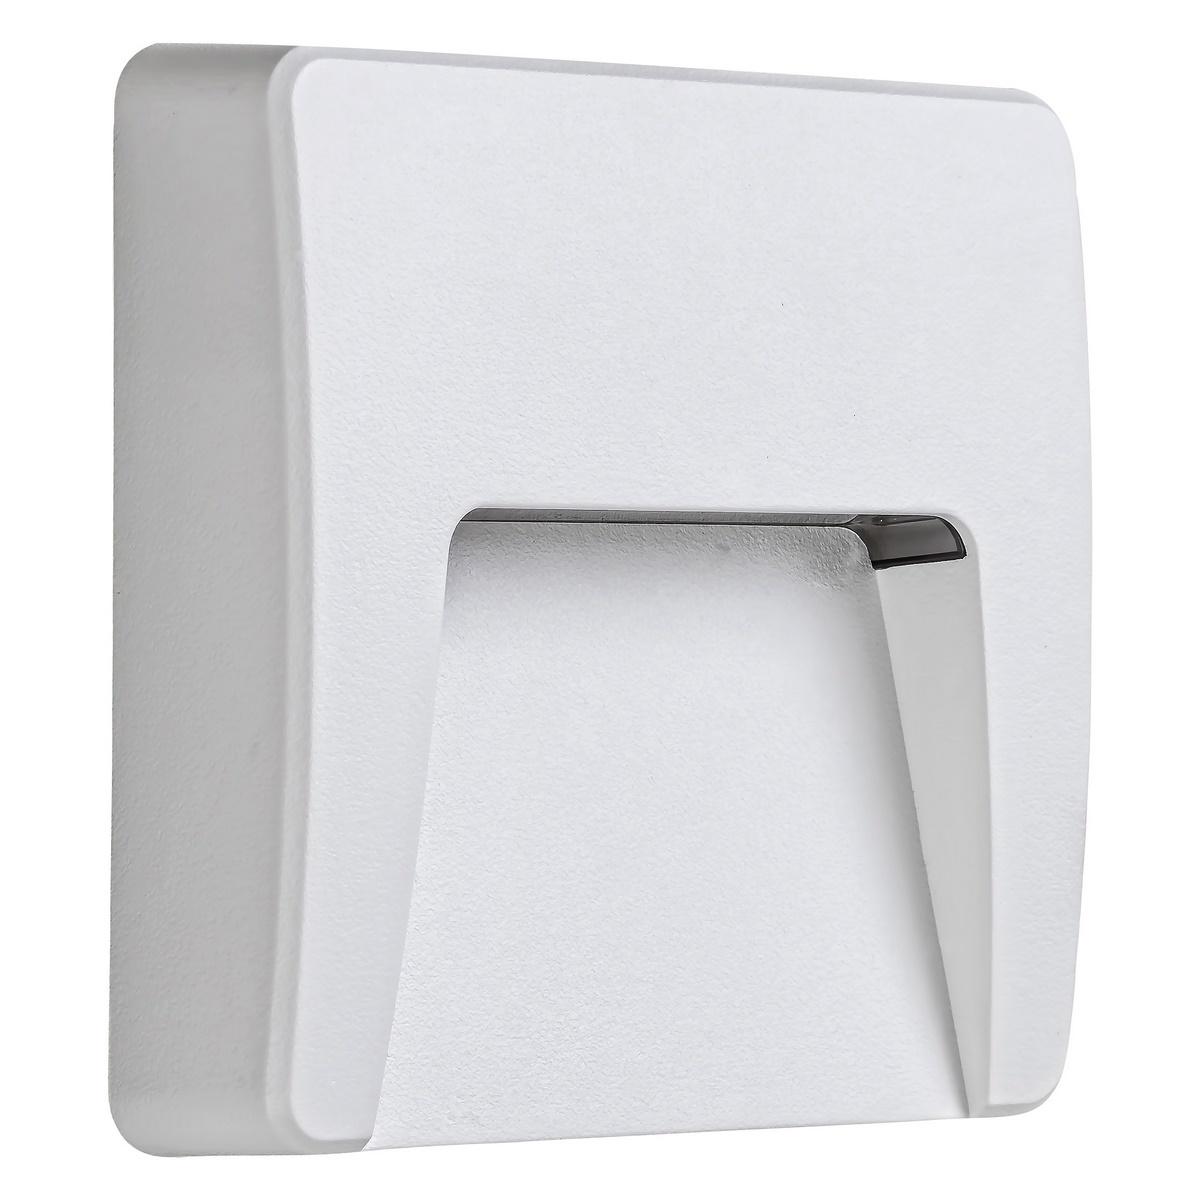 Rabalux 8893 Trento venkovní nástěnné LED svítidlo, bílá